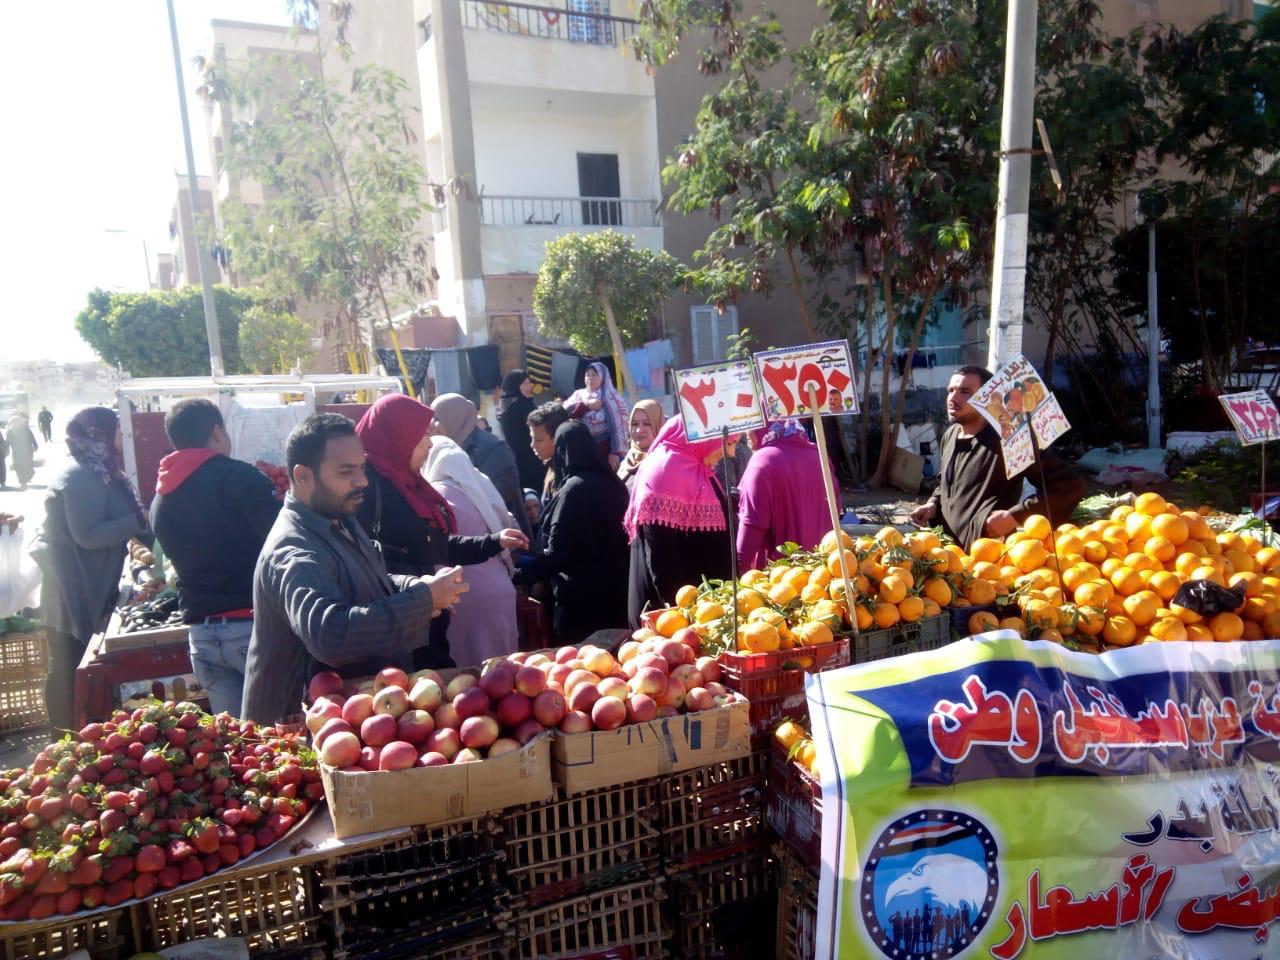 قافلة بيع الخضروات والفاكهة بأسعار مخفضة